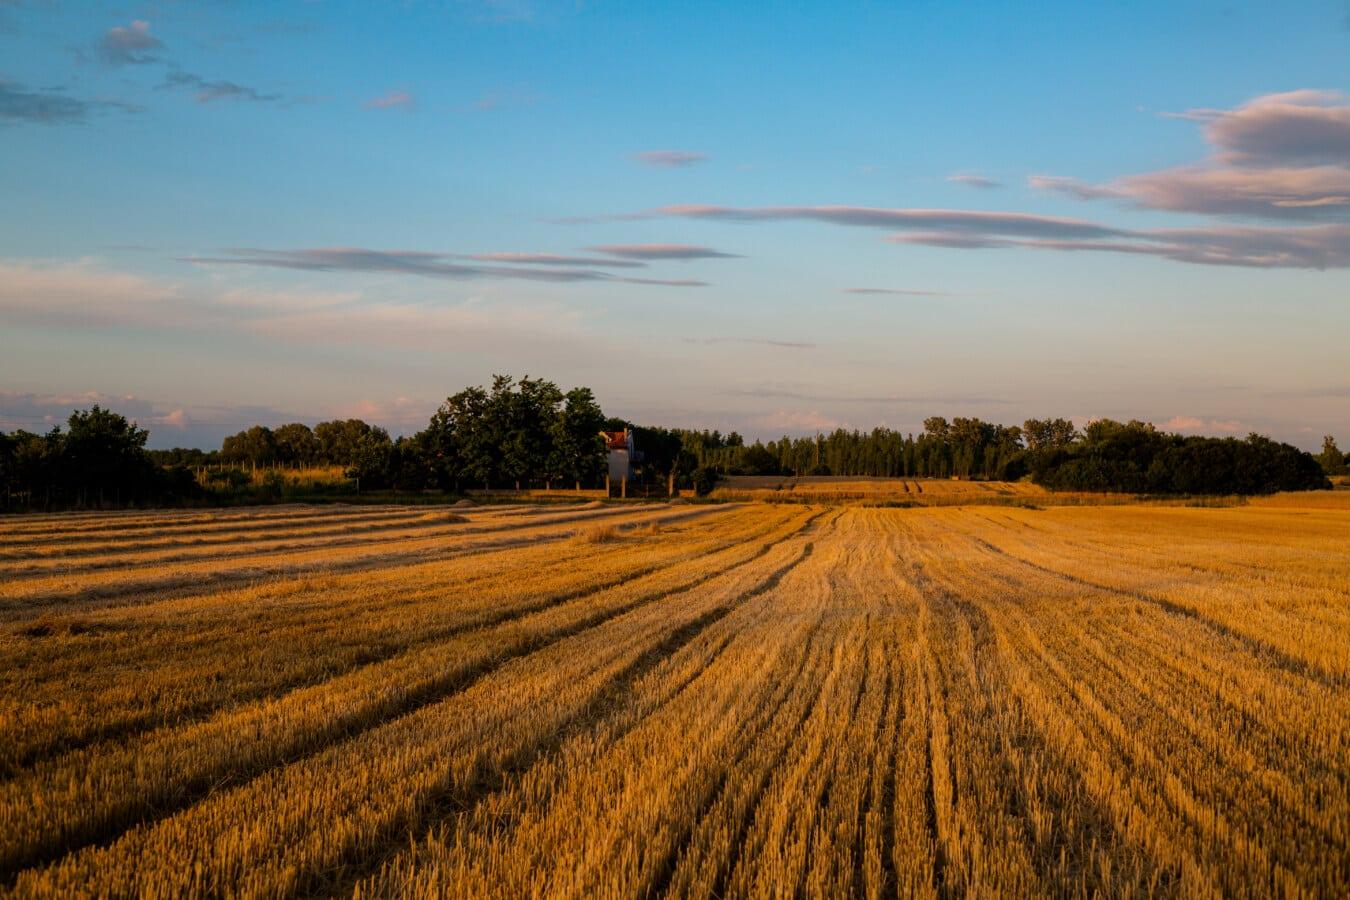 blé, champ de blé, harvest, paysage, campagne, rural, ferme, domaine, Agriculture, coucher de soleil